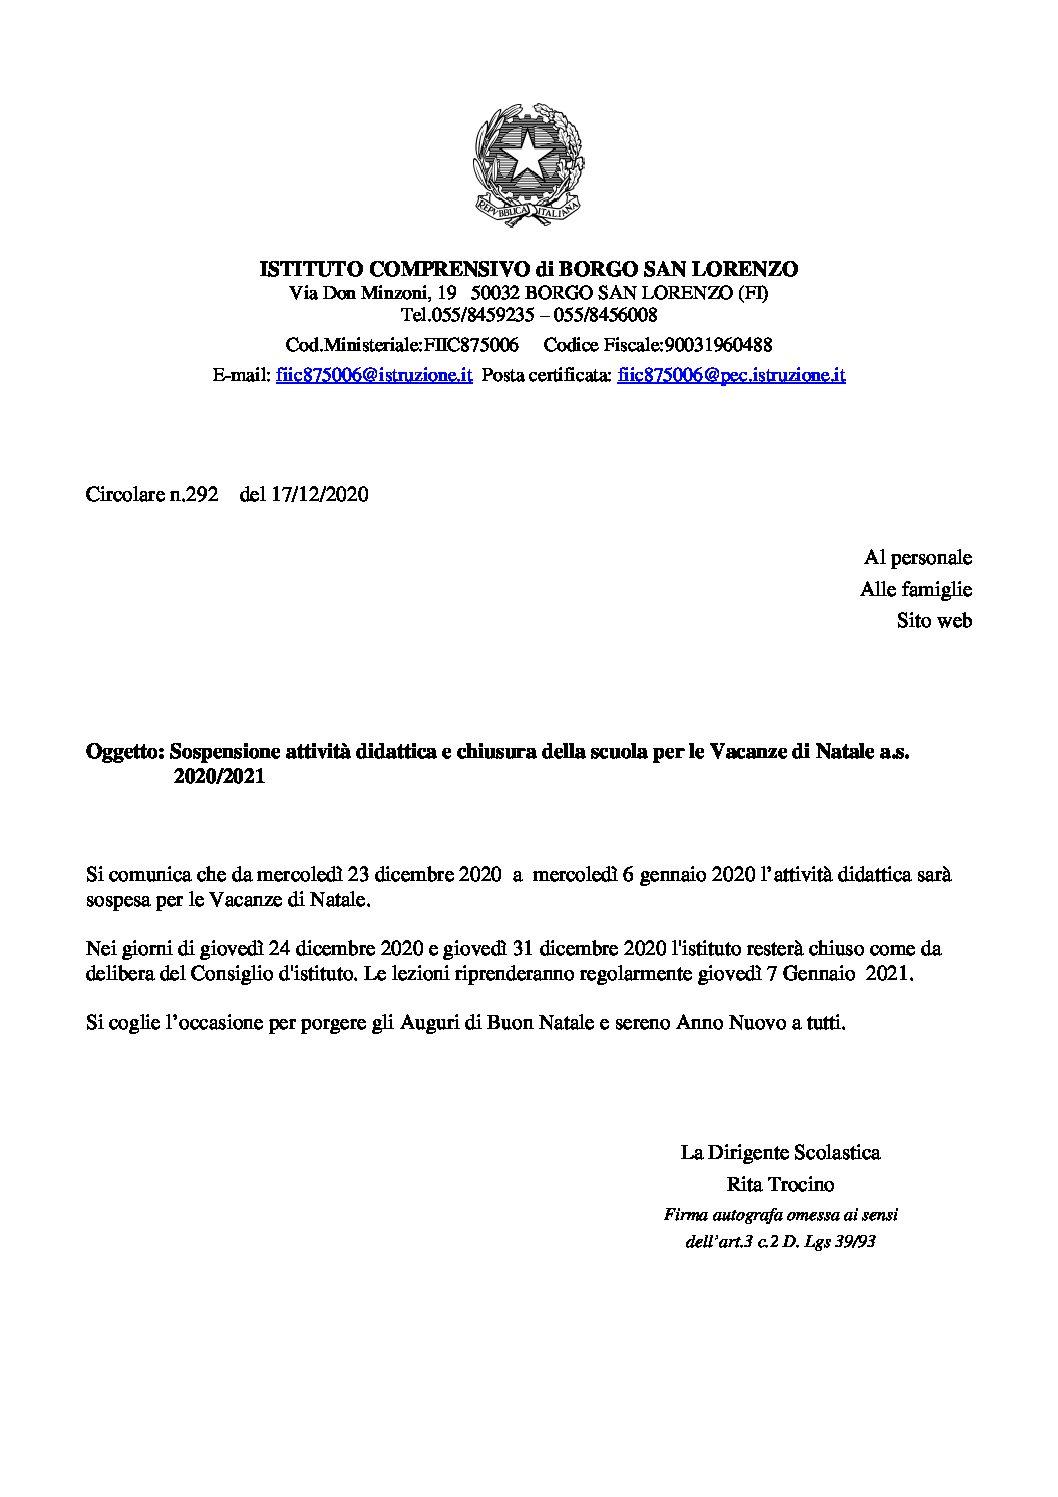 Circ. 292 – Sospensione attività didattica e chiusura della scuola per le Vacanze di Natale a.s. 2020/2021